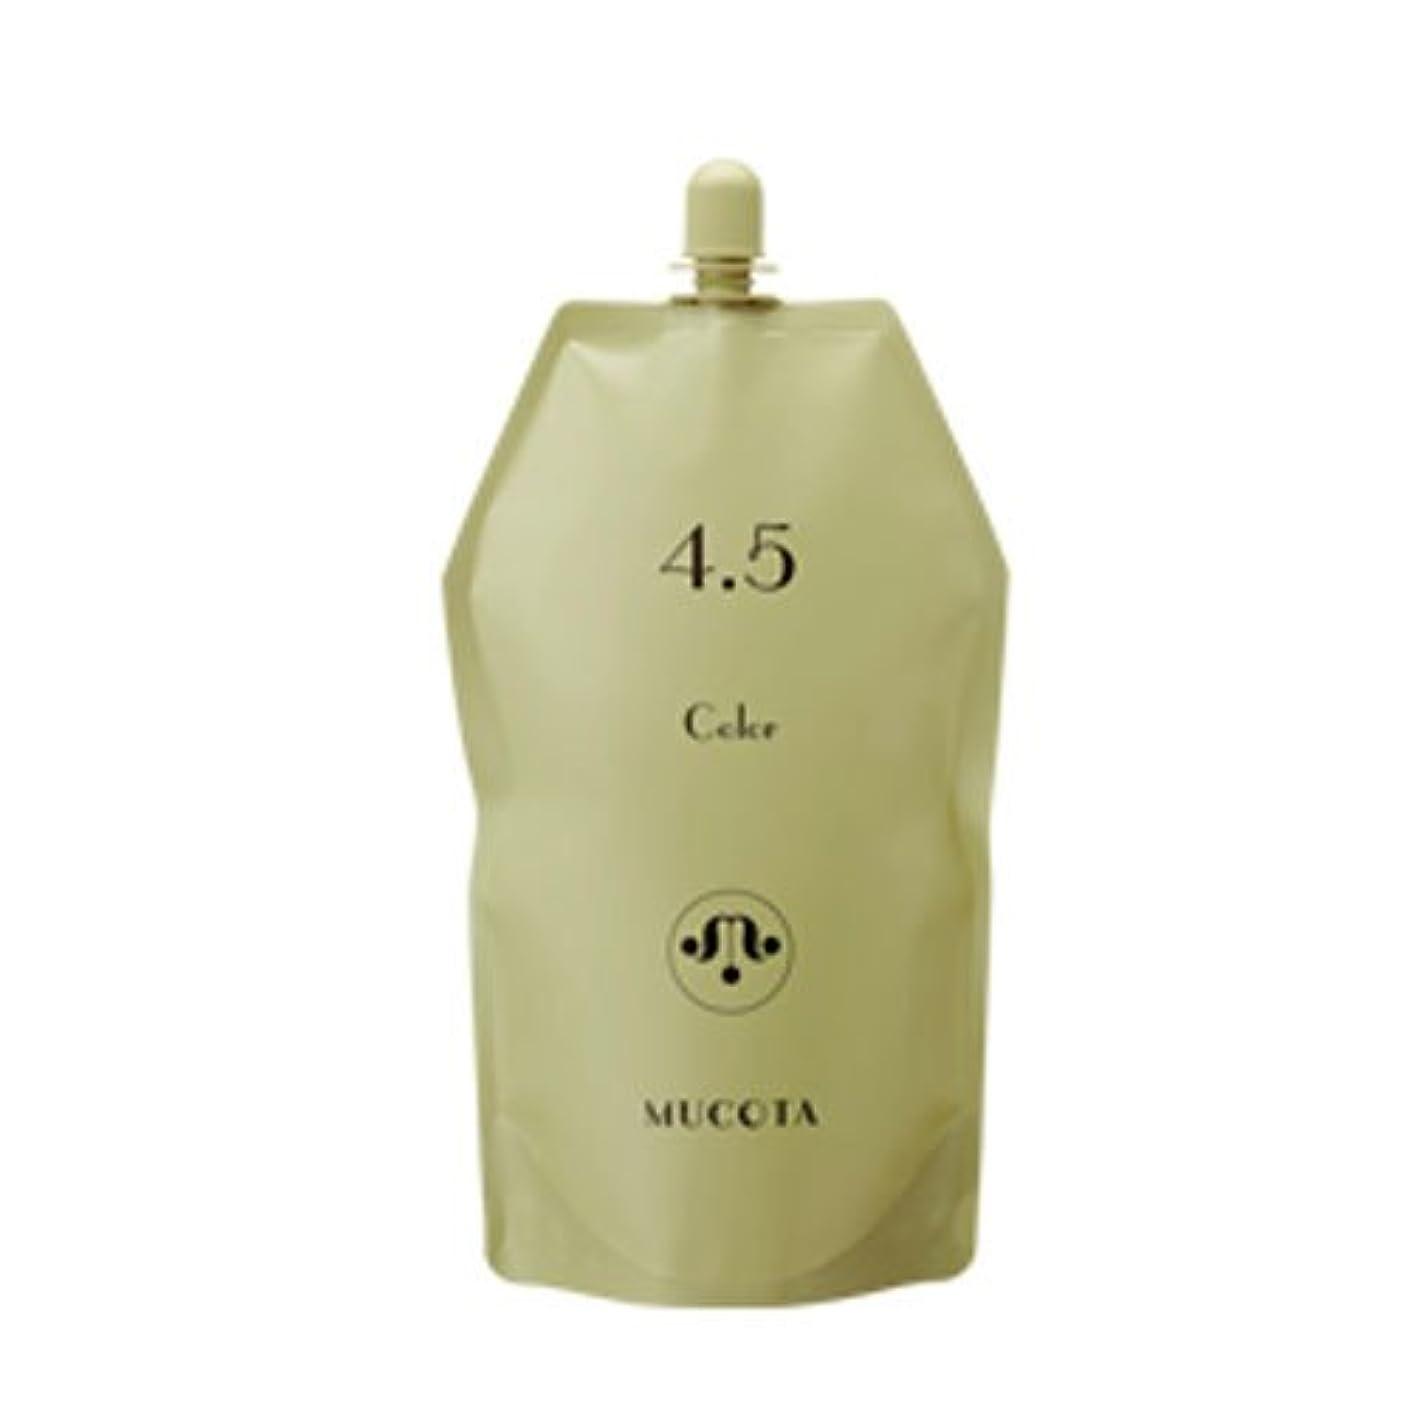 ラジカルミトン比類のないムコタ ヘアカラー OX(3.0%/4.5%/6.0%) 各 1000ml【2剤】【オキシー】【グレイカラー?白髪染め】 (OX 4.5%)